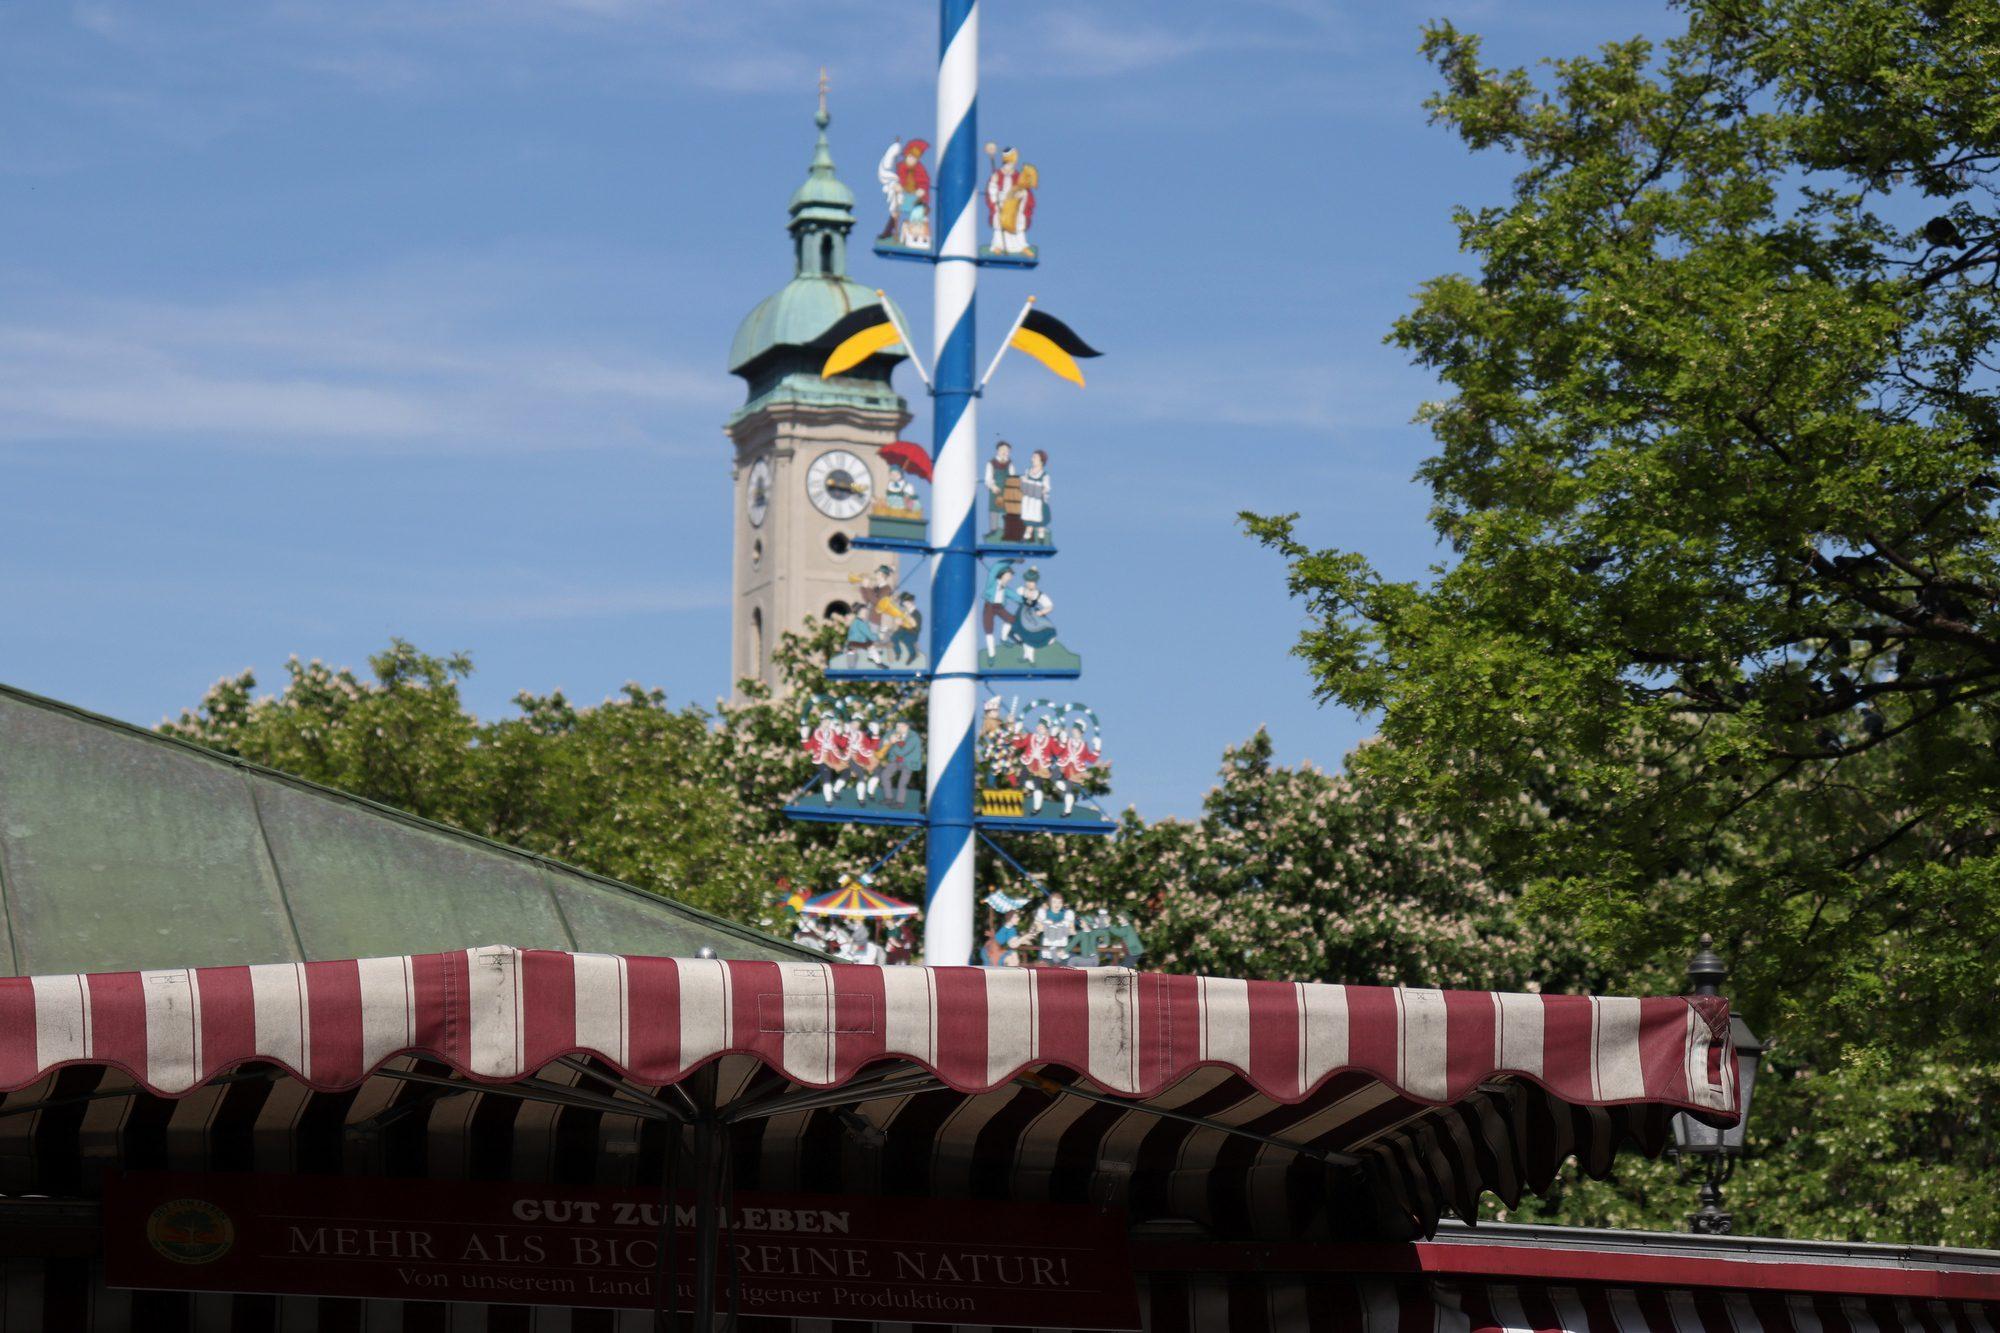 Der Viktualienmarkt in München und die Heilig-Geist-Kirche